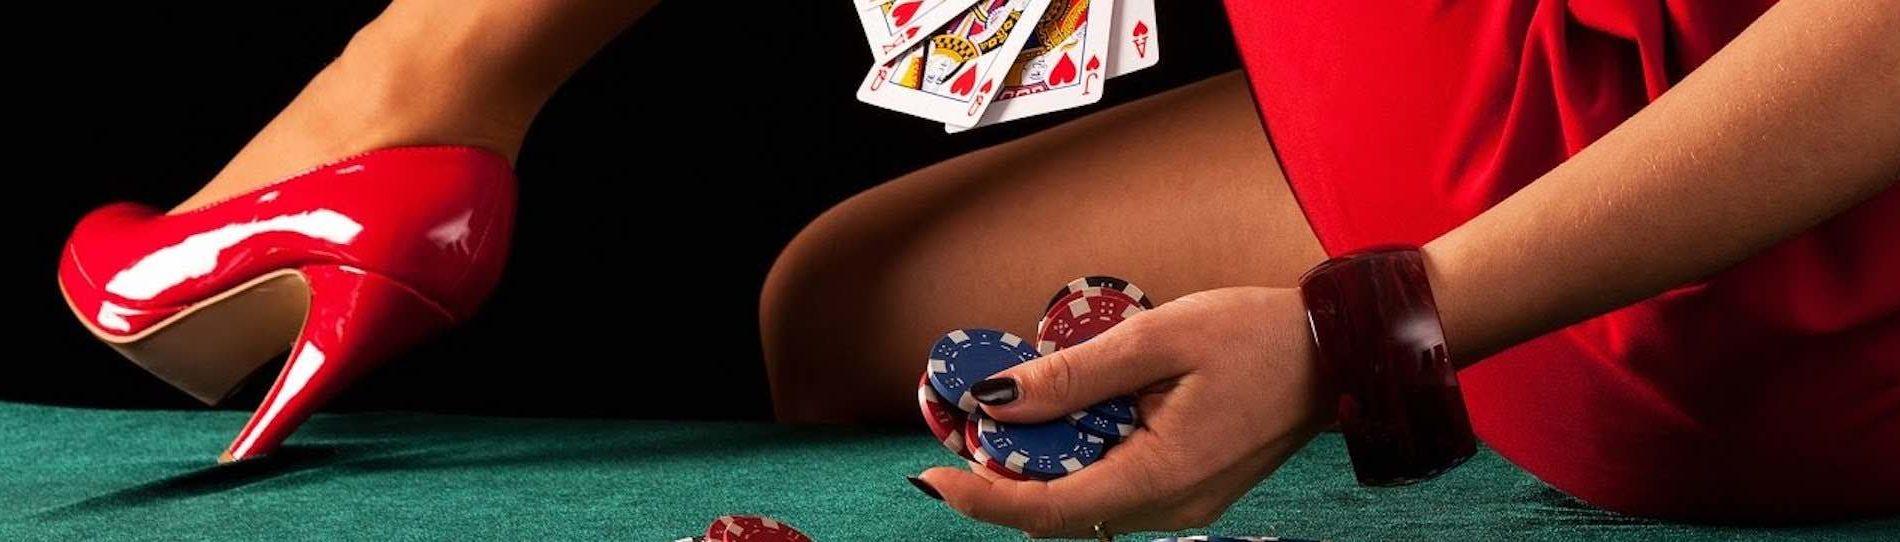 beautiful bucks waitress playing poker